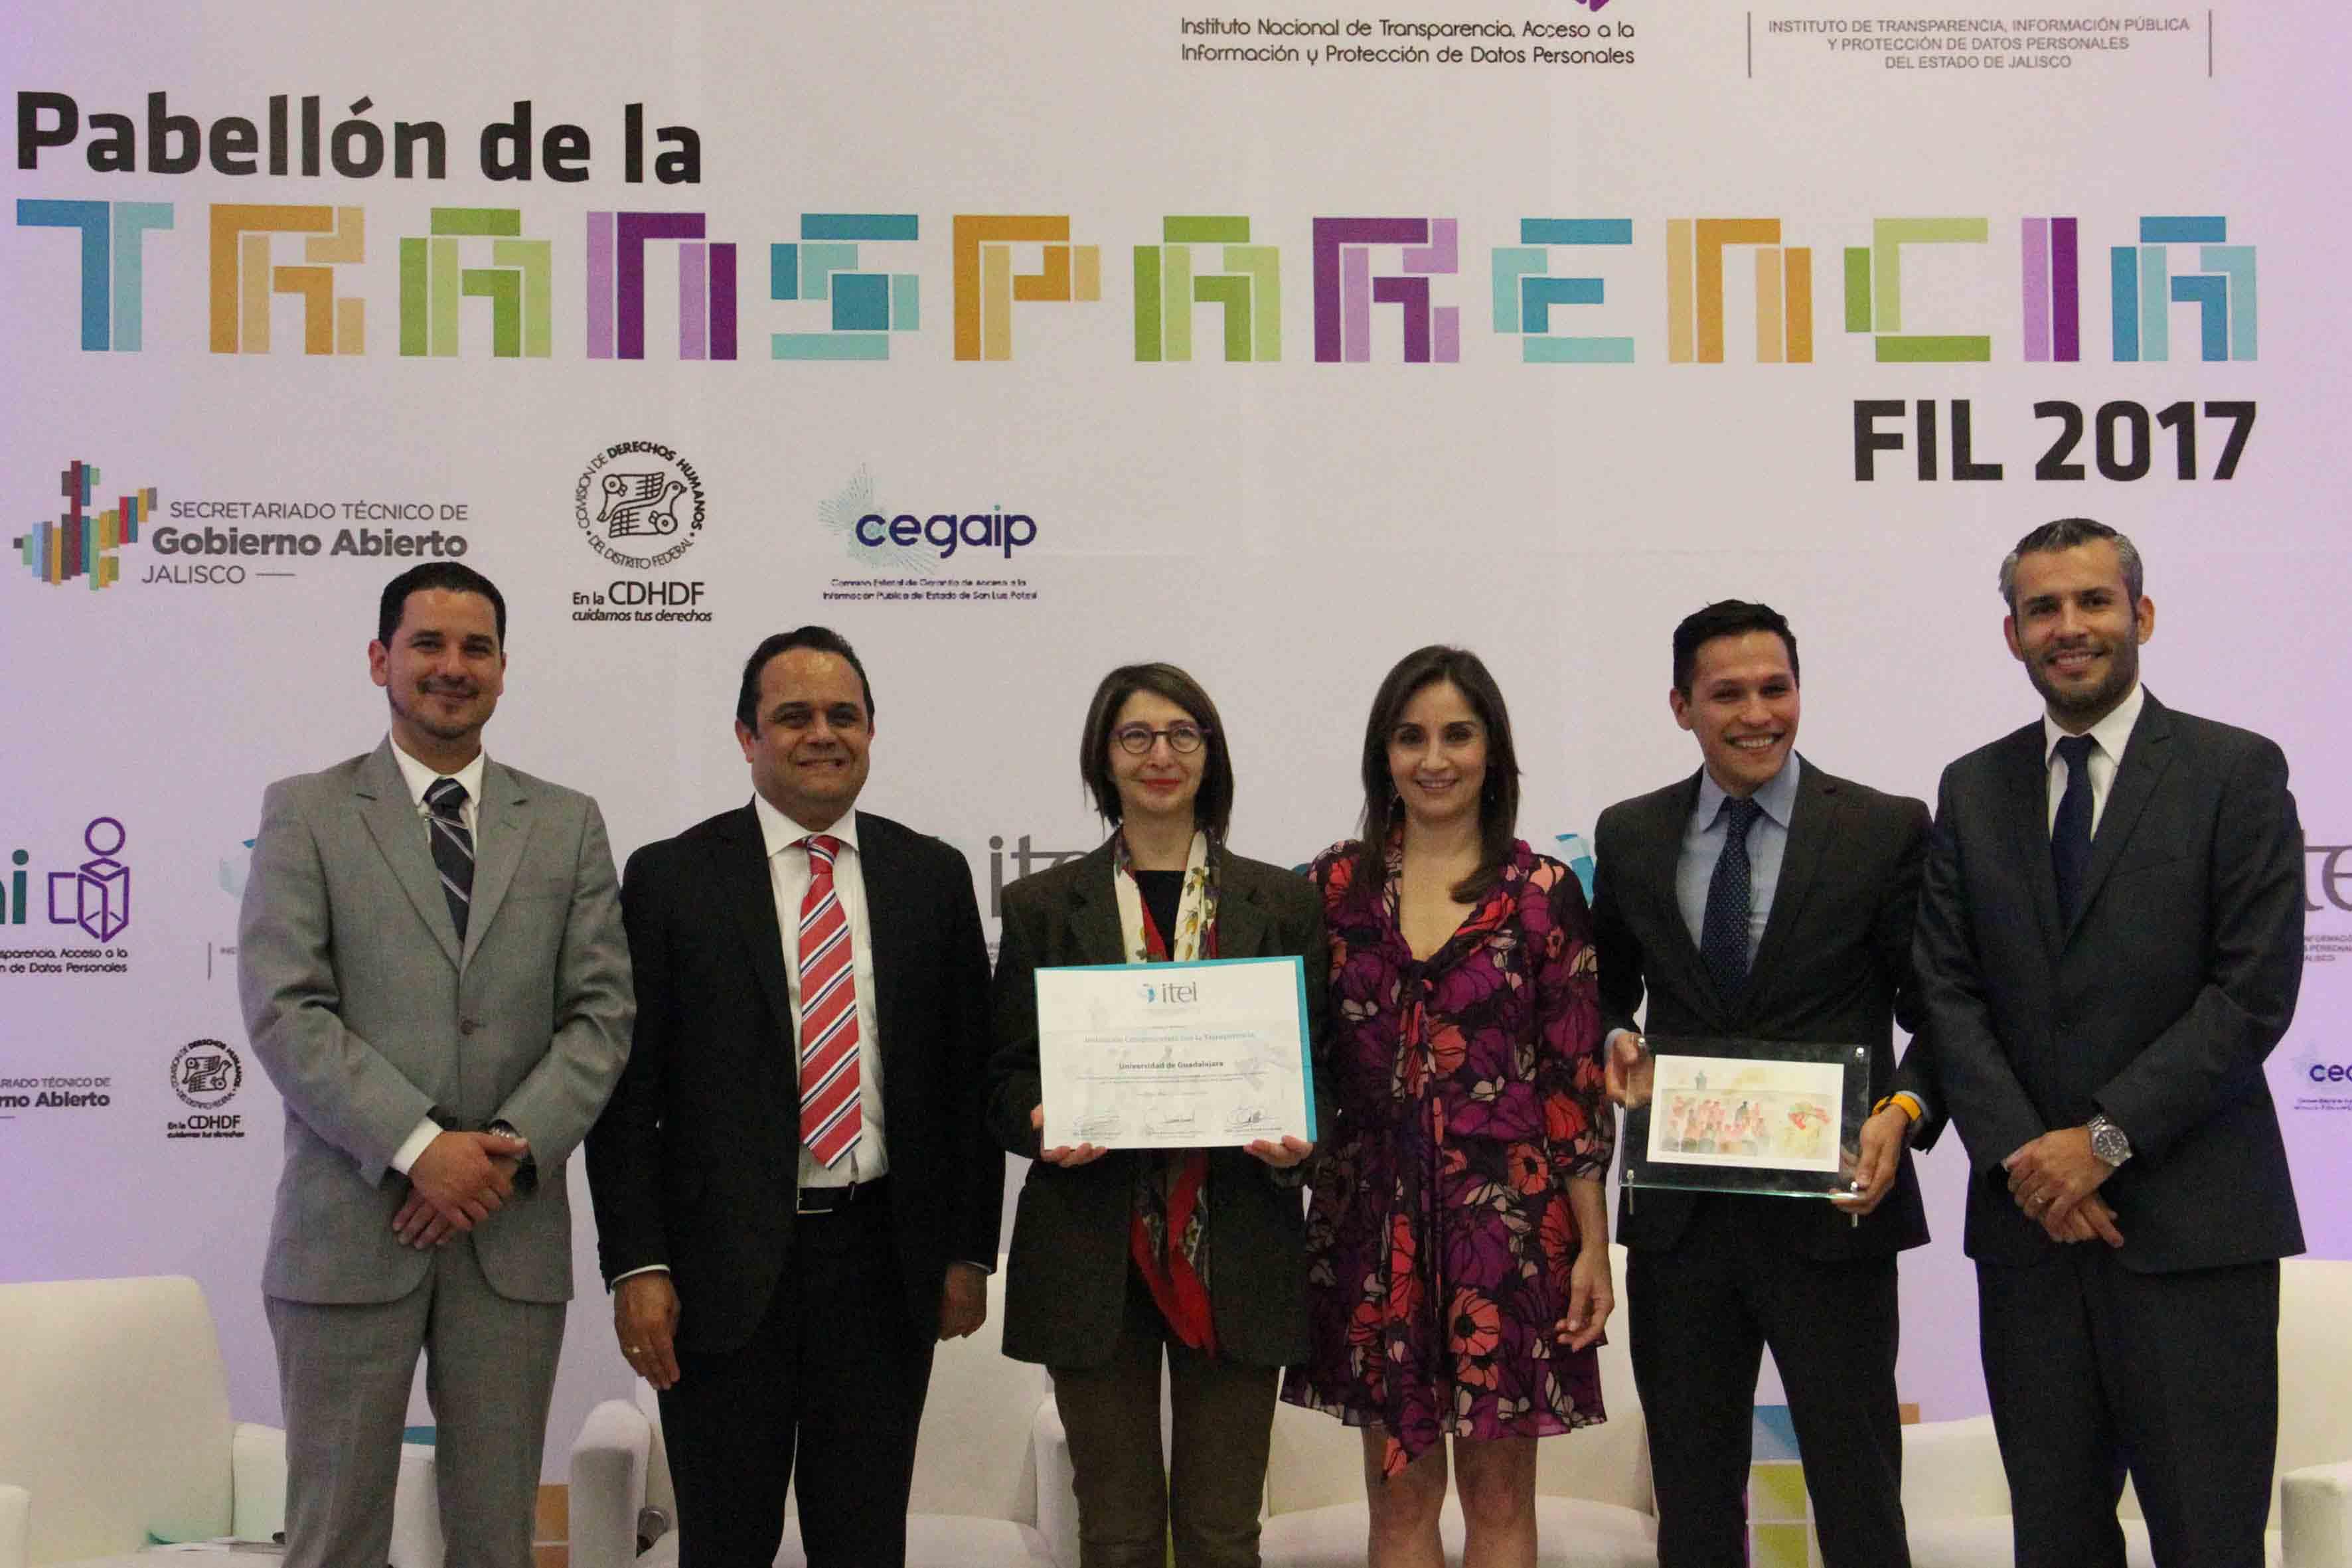 Representantes de la UdeG recibiendo el reconocimiento del ITEI por su colaboración en el diseño del Protocolo 409.